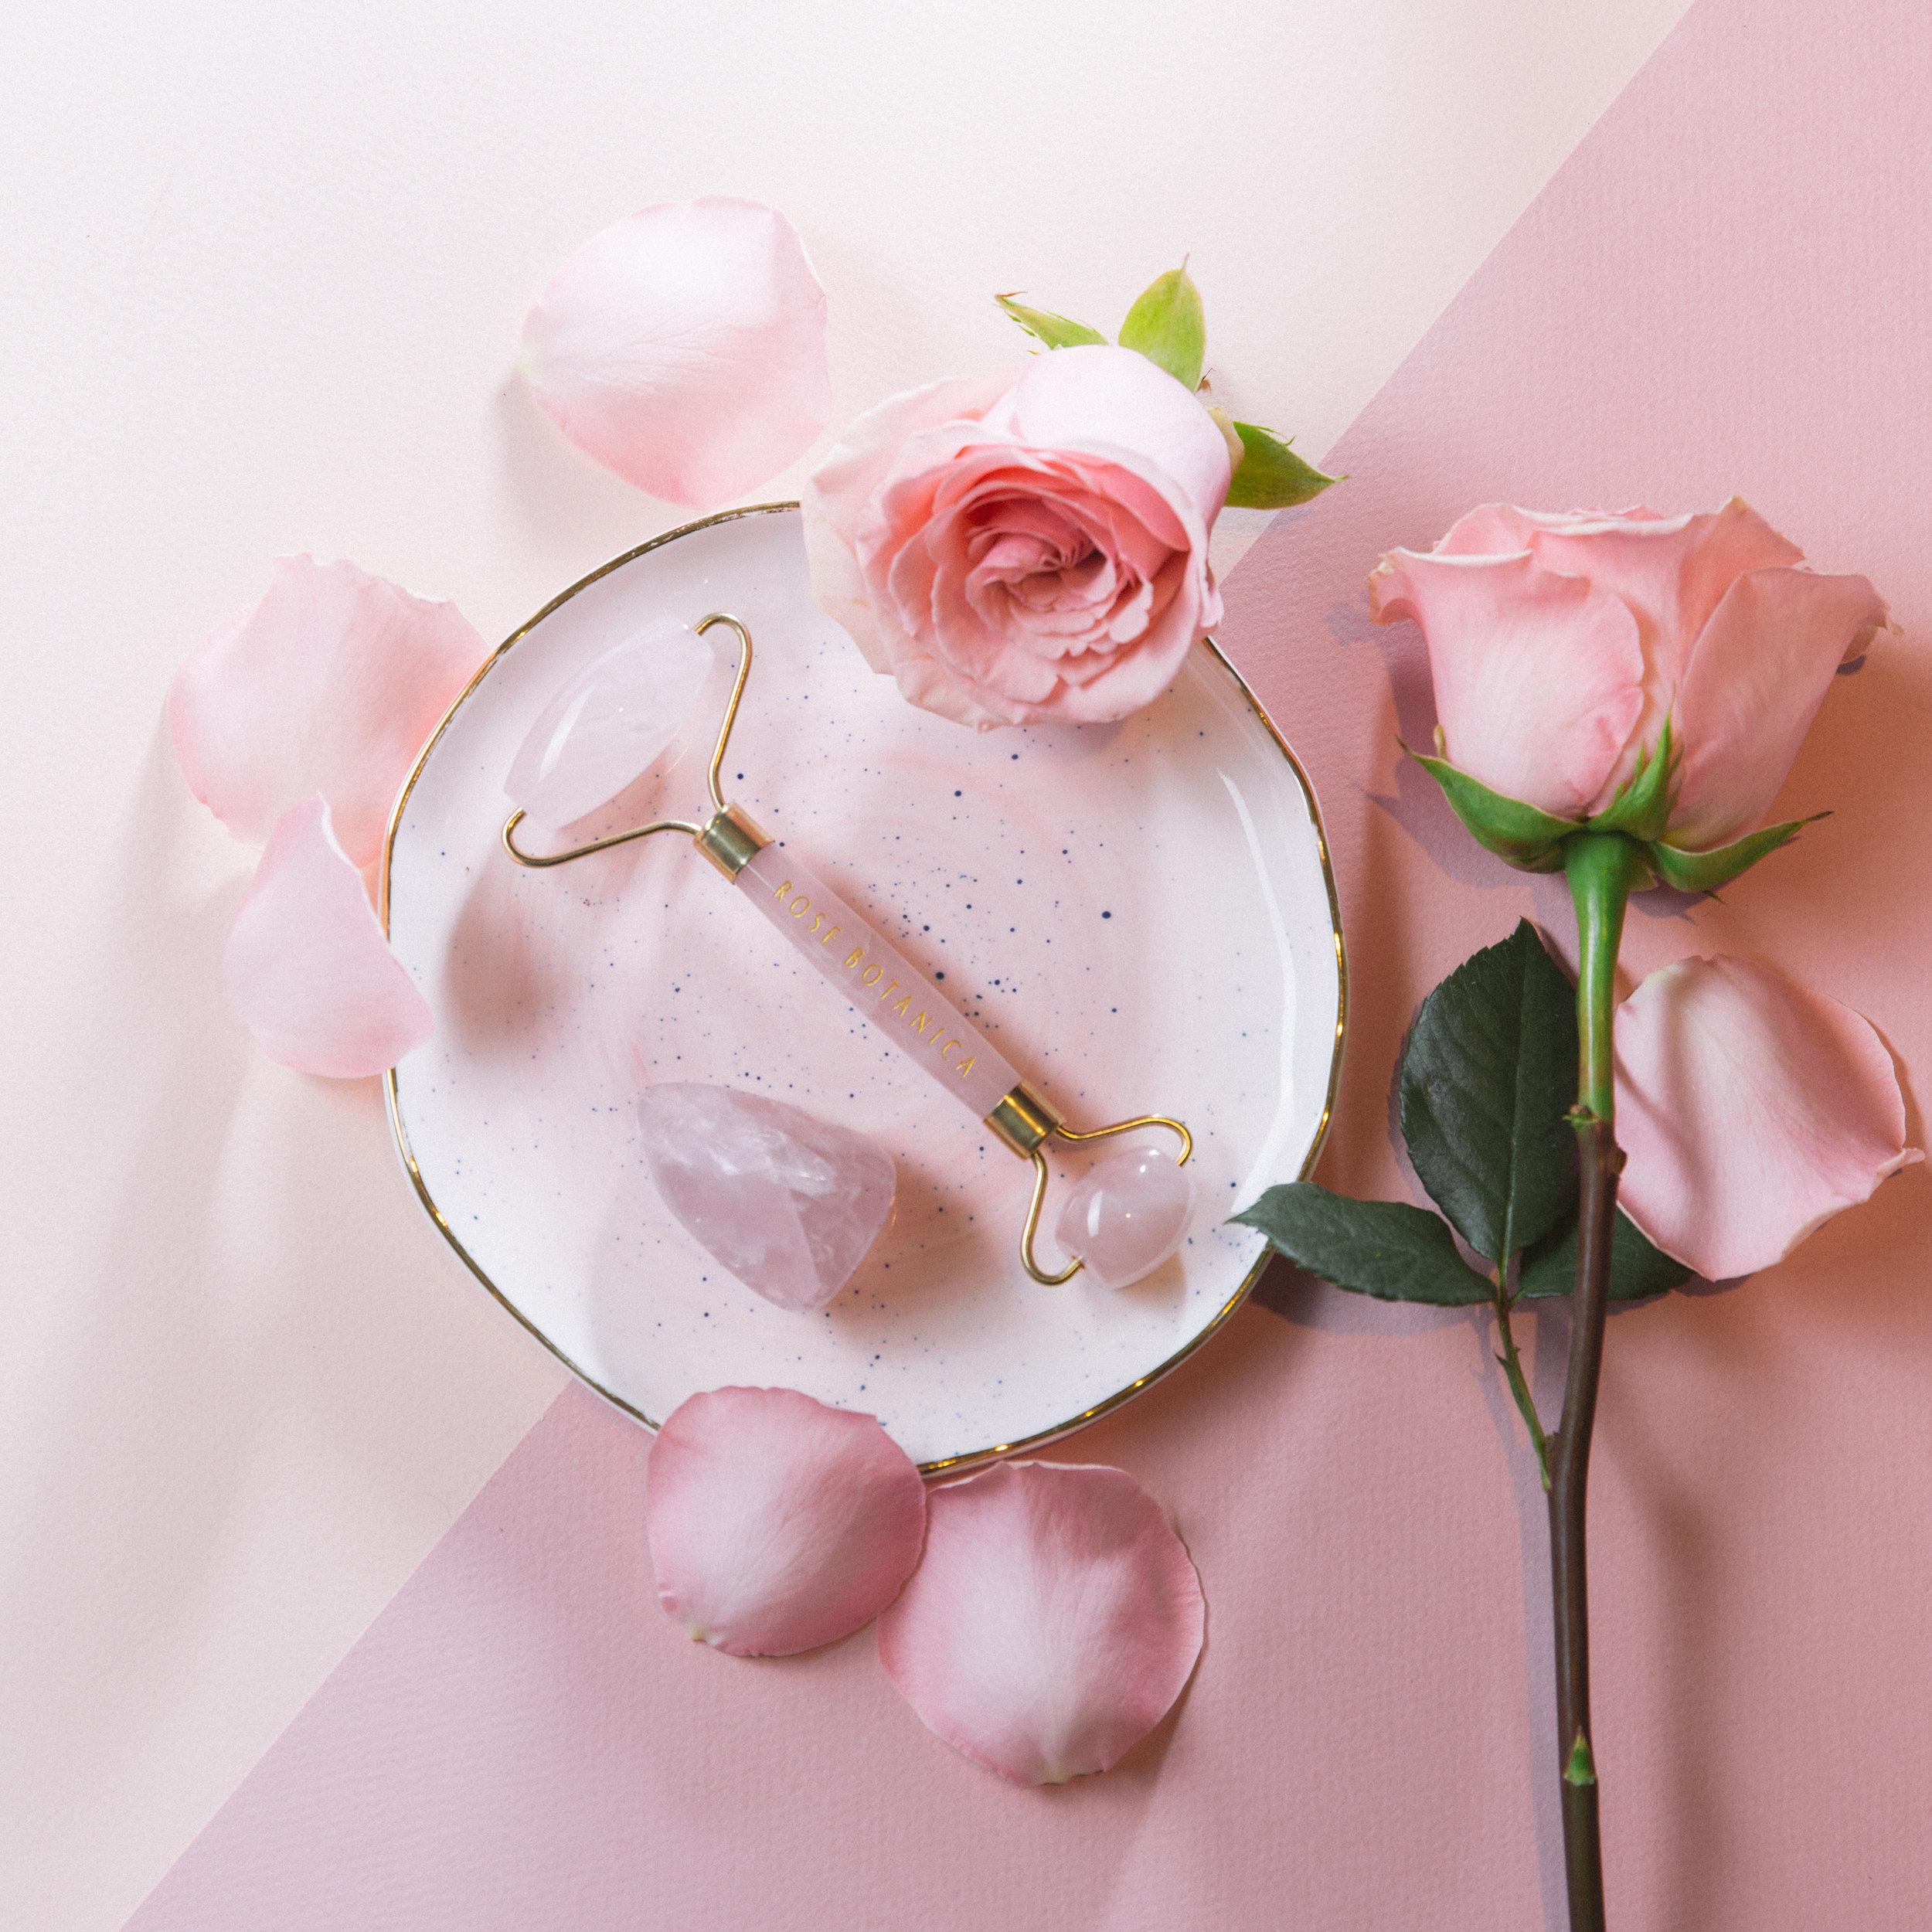 photo: Rose Botanica